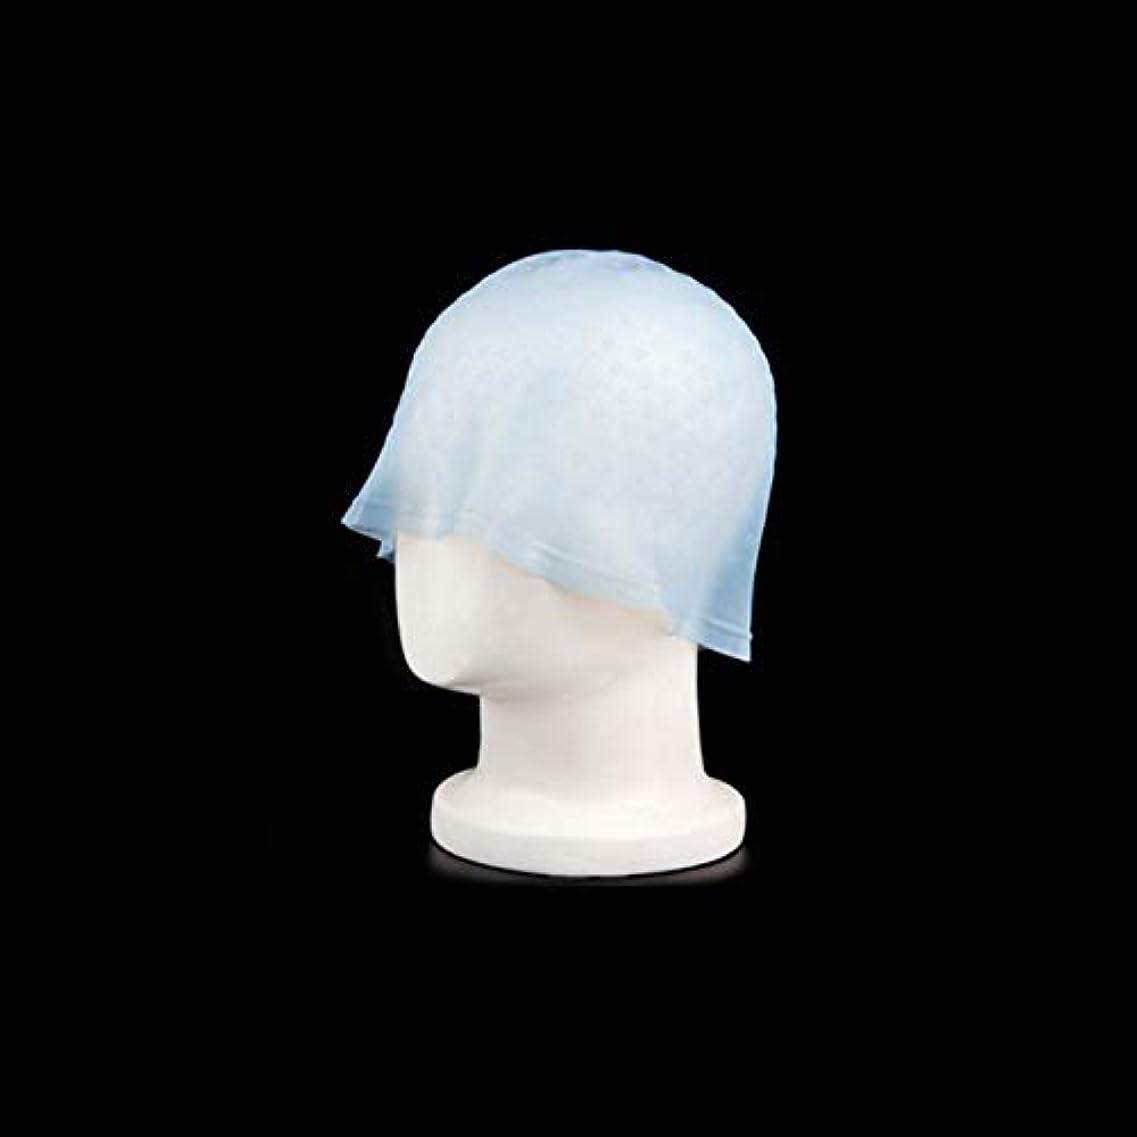 論理劇場初心者DOMO カラーダイキャップ 染毛キャップ エコ サロン ヘア染めツール 再利用可能 染色用 ハイライト 髪染め工具